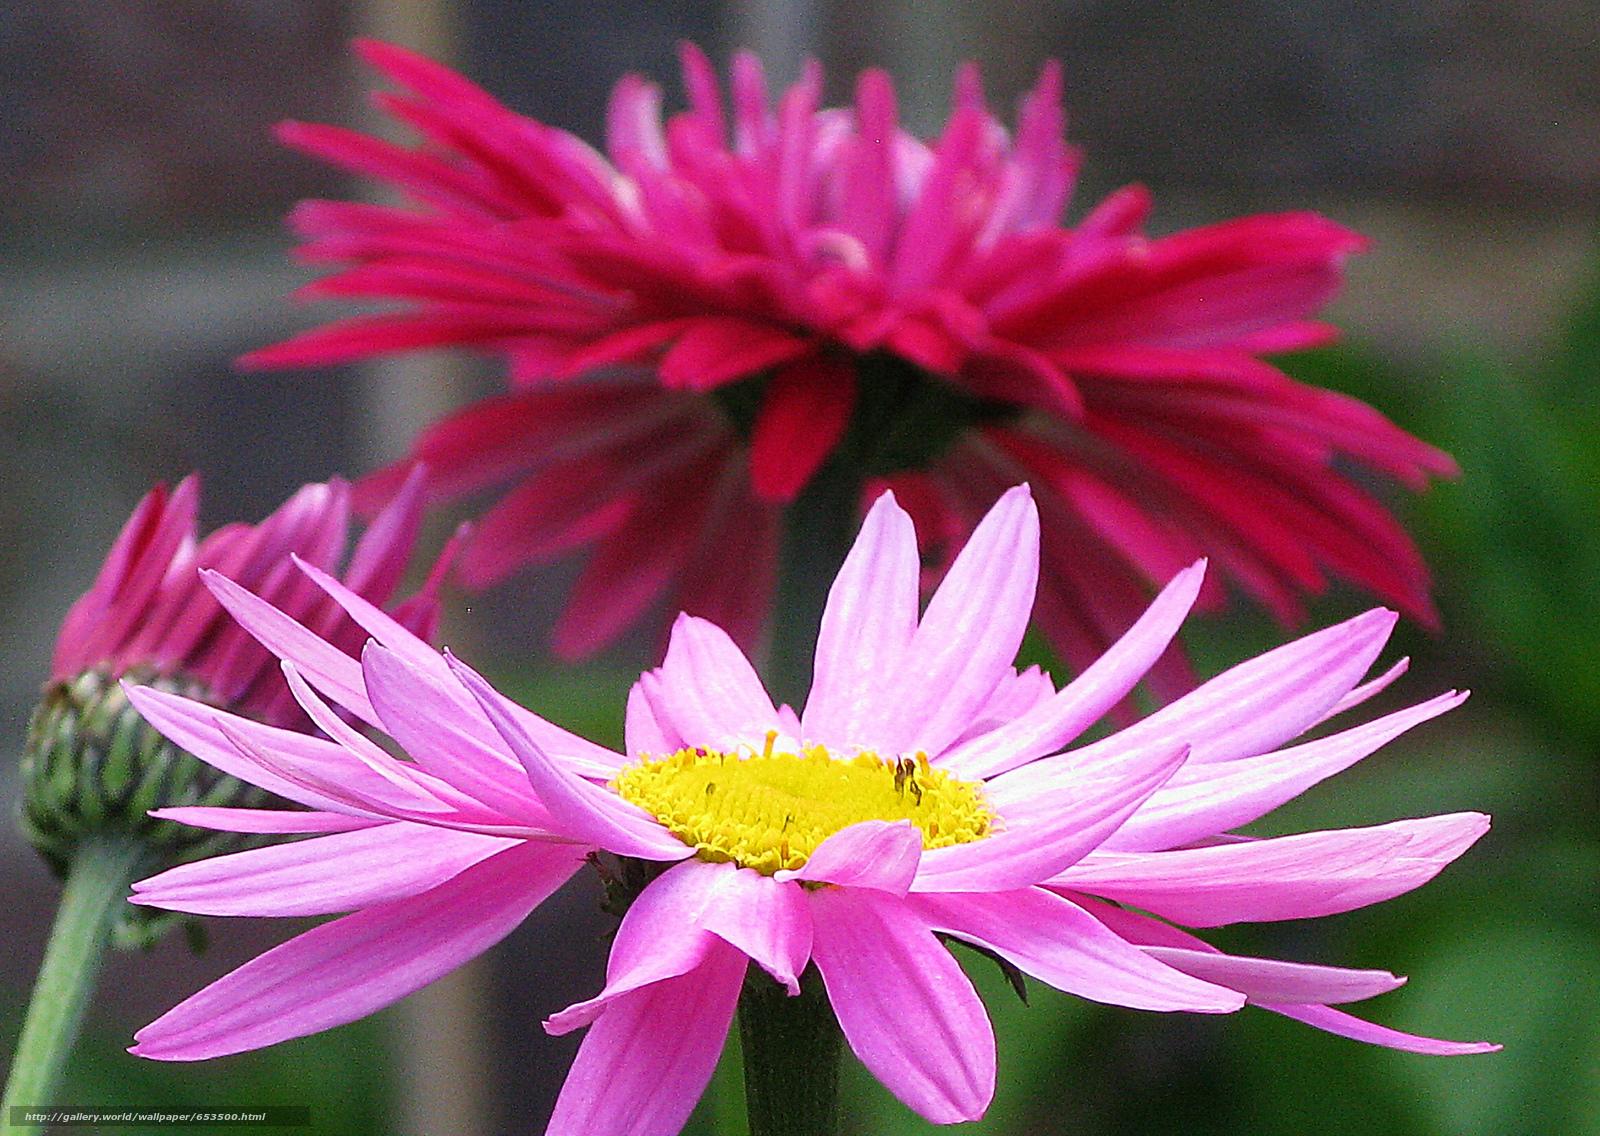 Скачать обои цветы,  цветок,  макро,  красивый цветок бесплатно для рабочего стола в разрешении 2048x1454 — картинка №653500